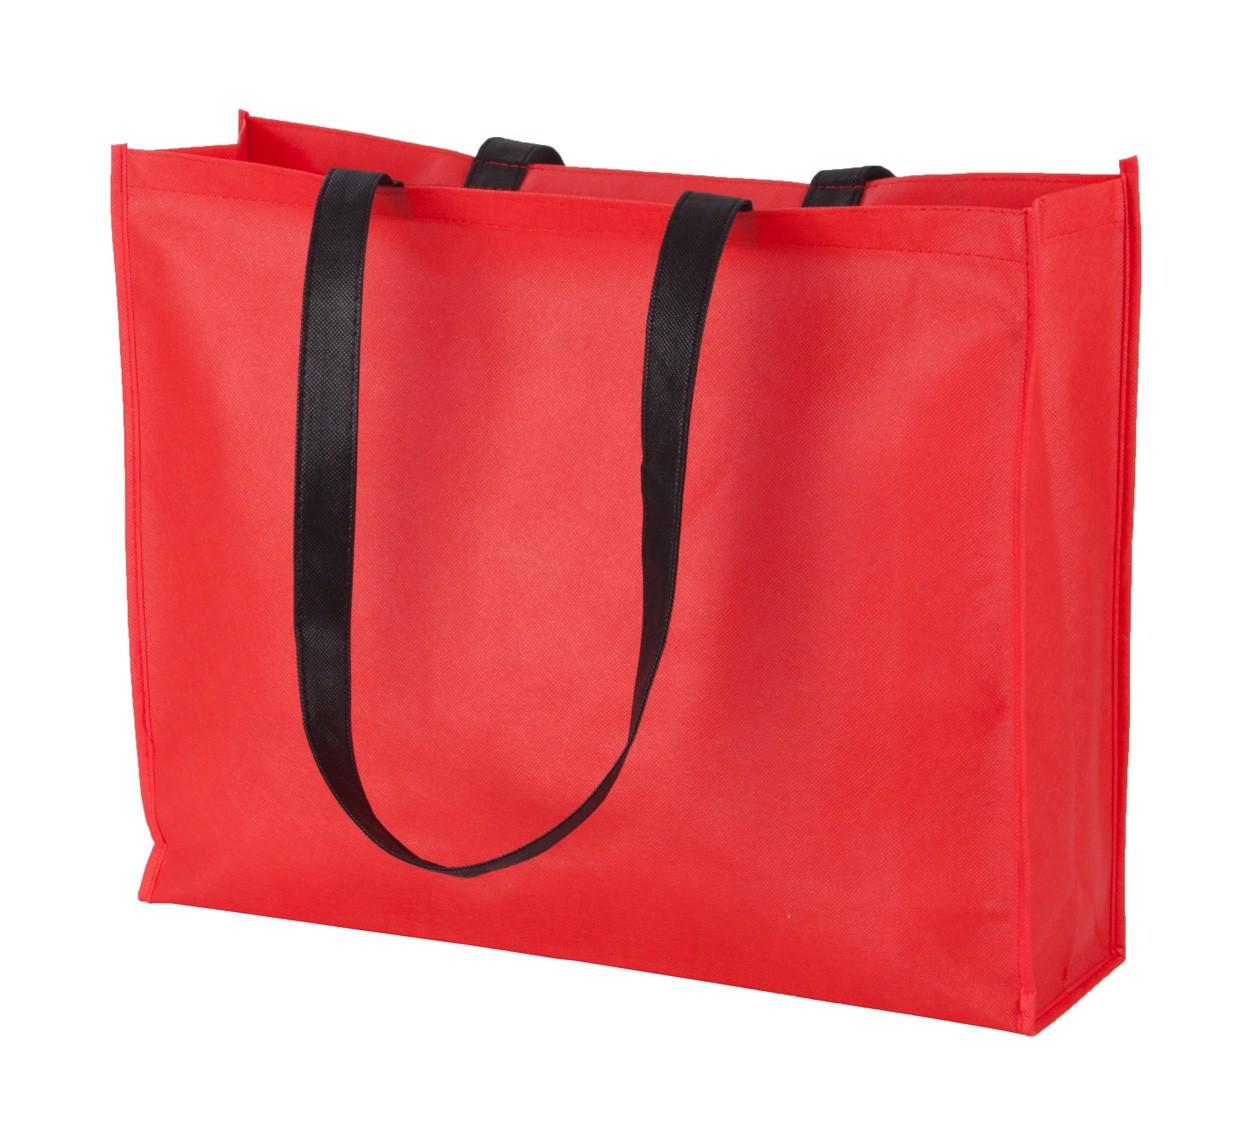 Geantă Cumpărături Tucson - Roșu / Negru